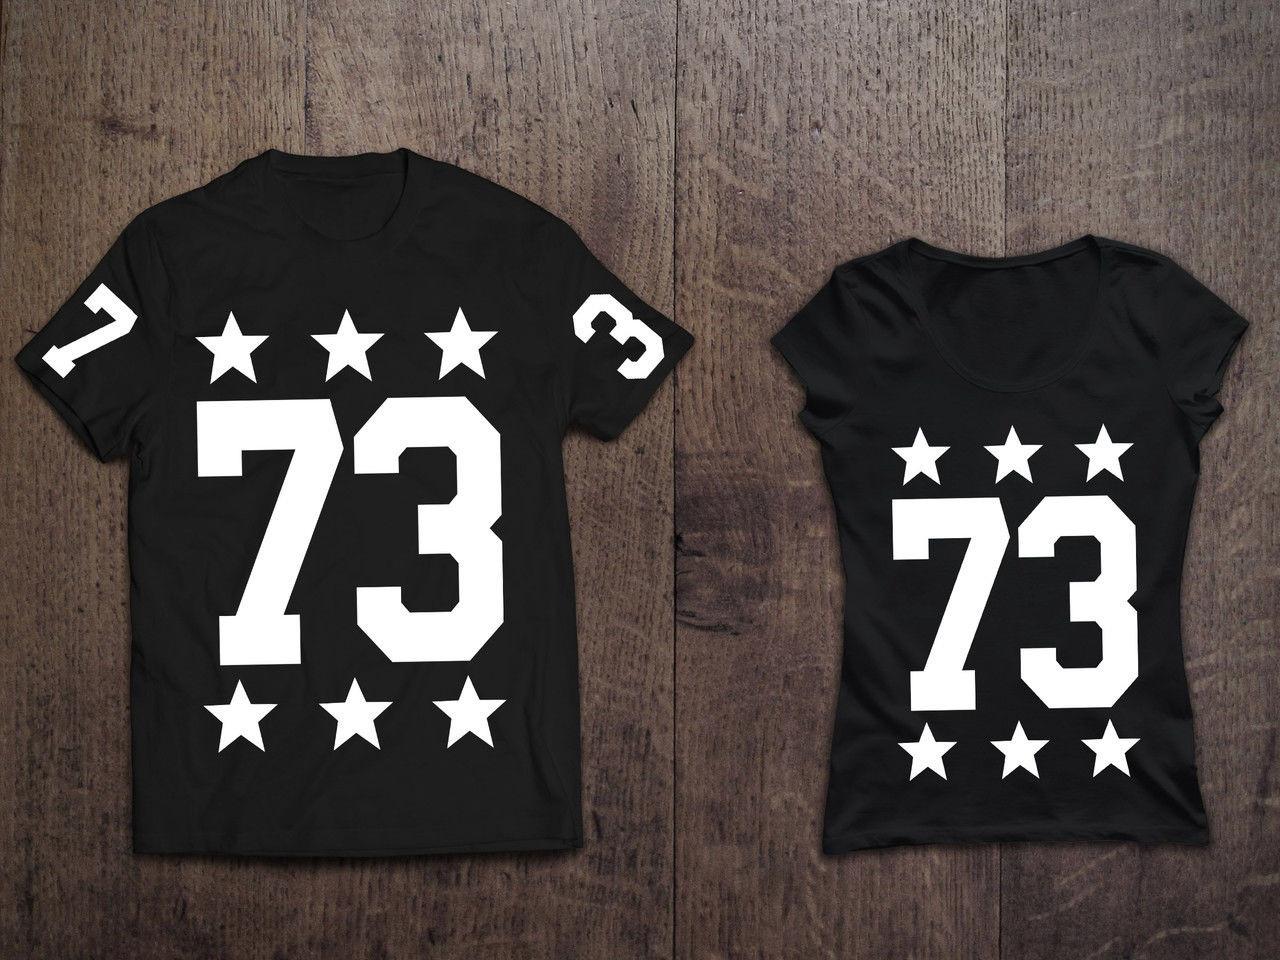 951f7b1a9e8d4 Парные именные футболки со звездами. Любой дизайн под заказ, цена 569  грн./пара, купить в Киеве — Prom.ua (ID#313766110)